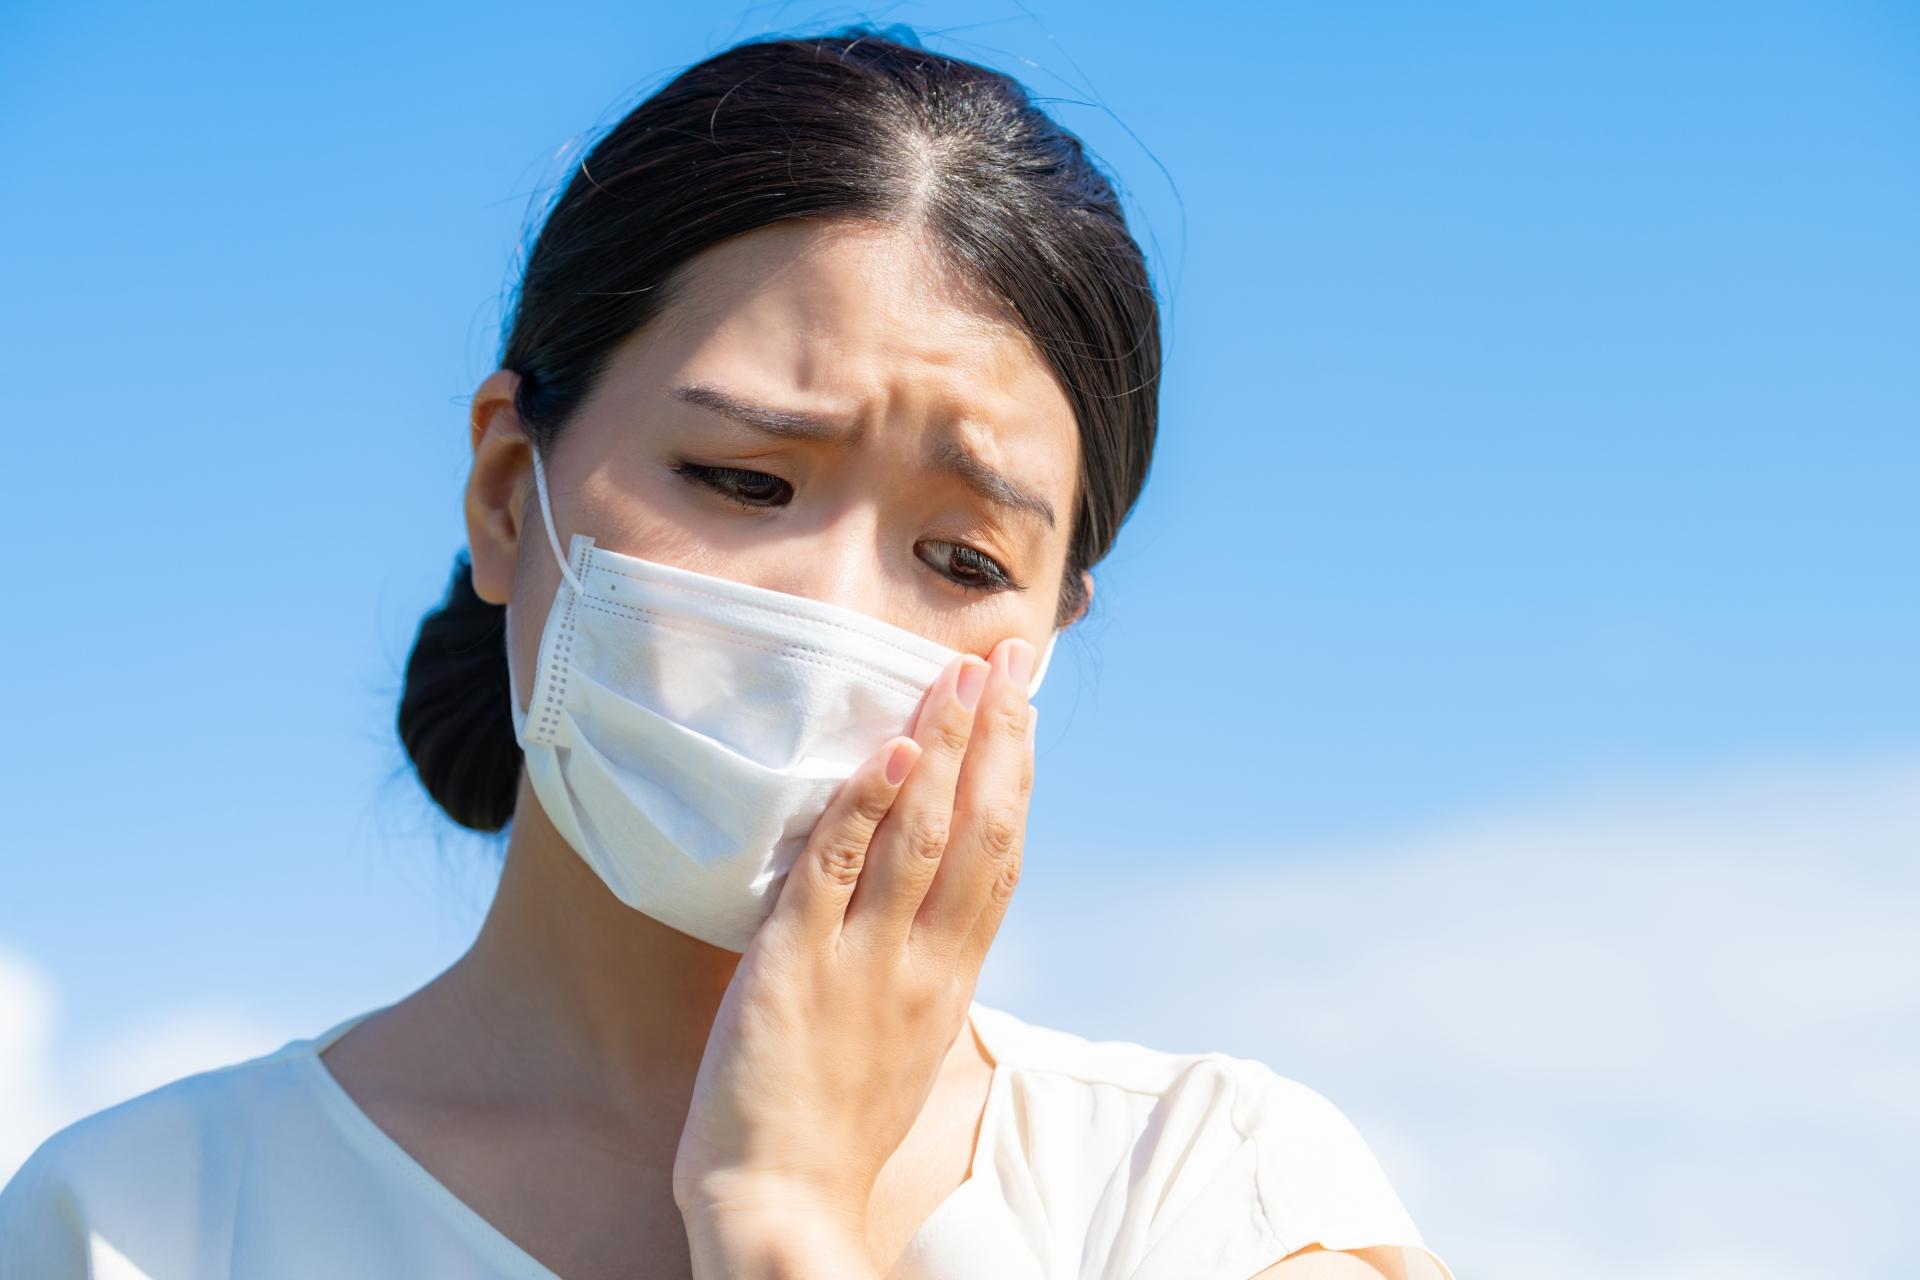 マスクで肌荒れを気にする女性